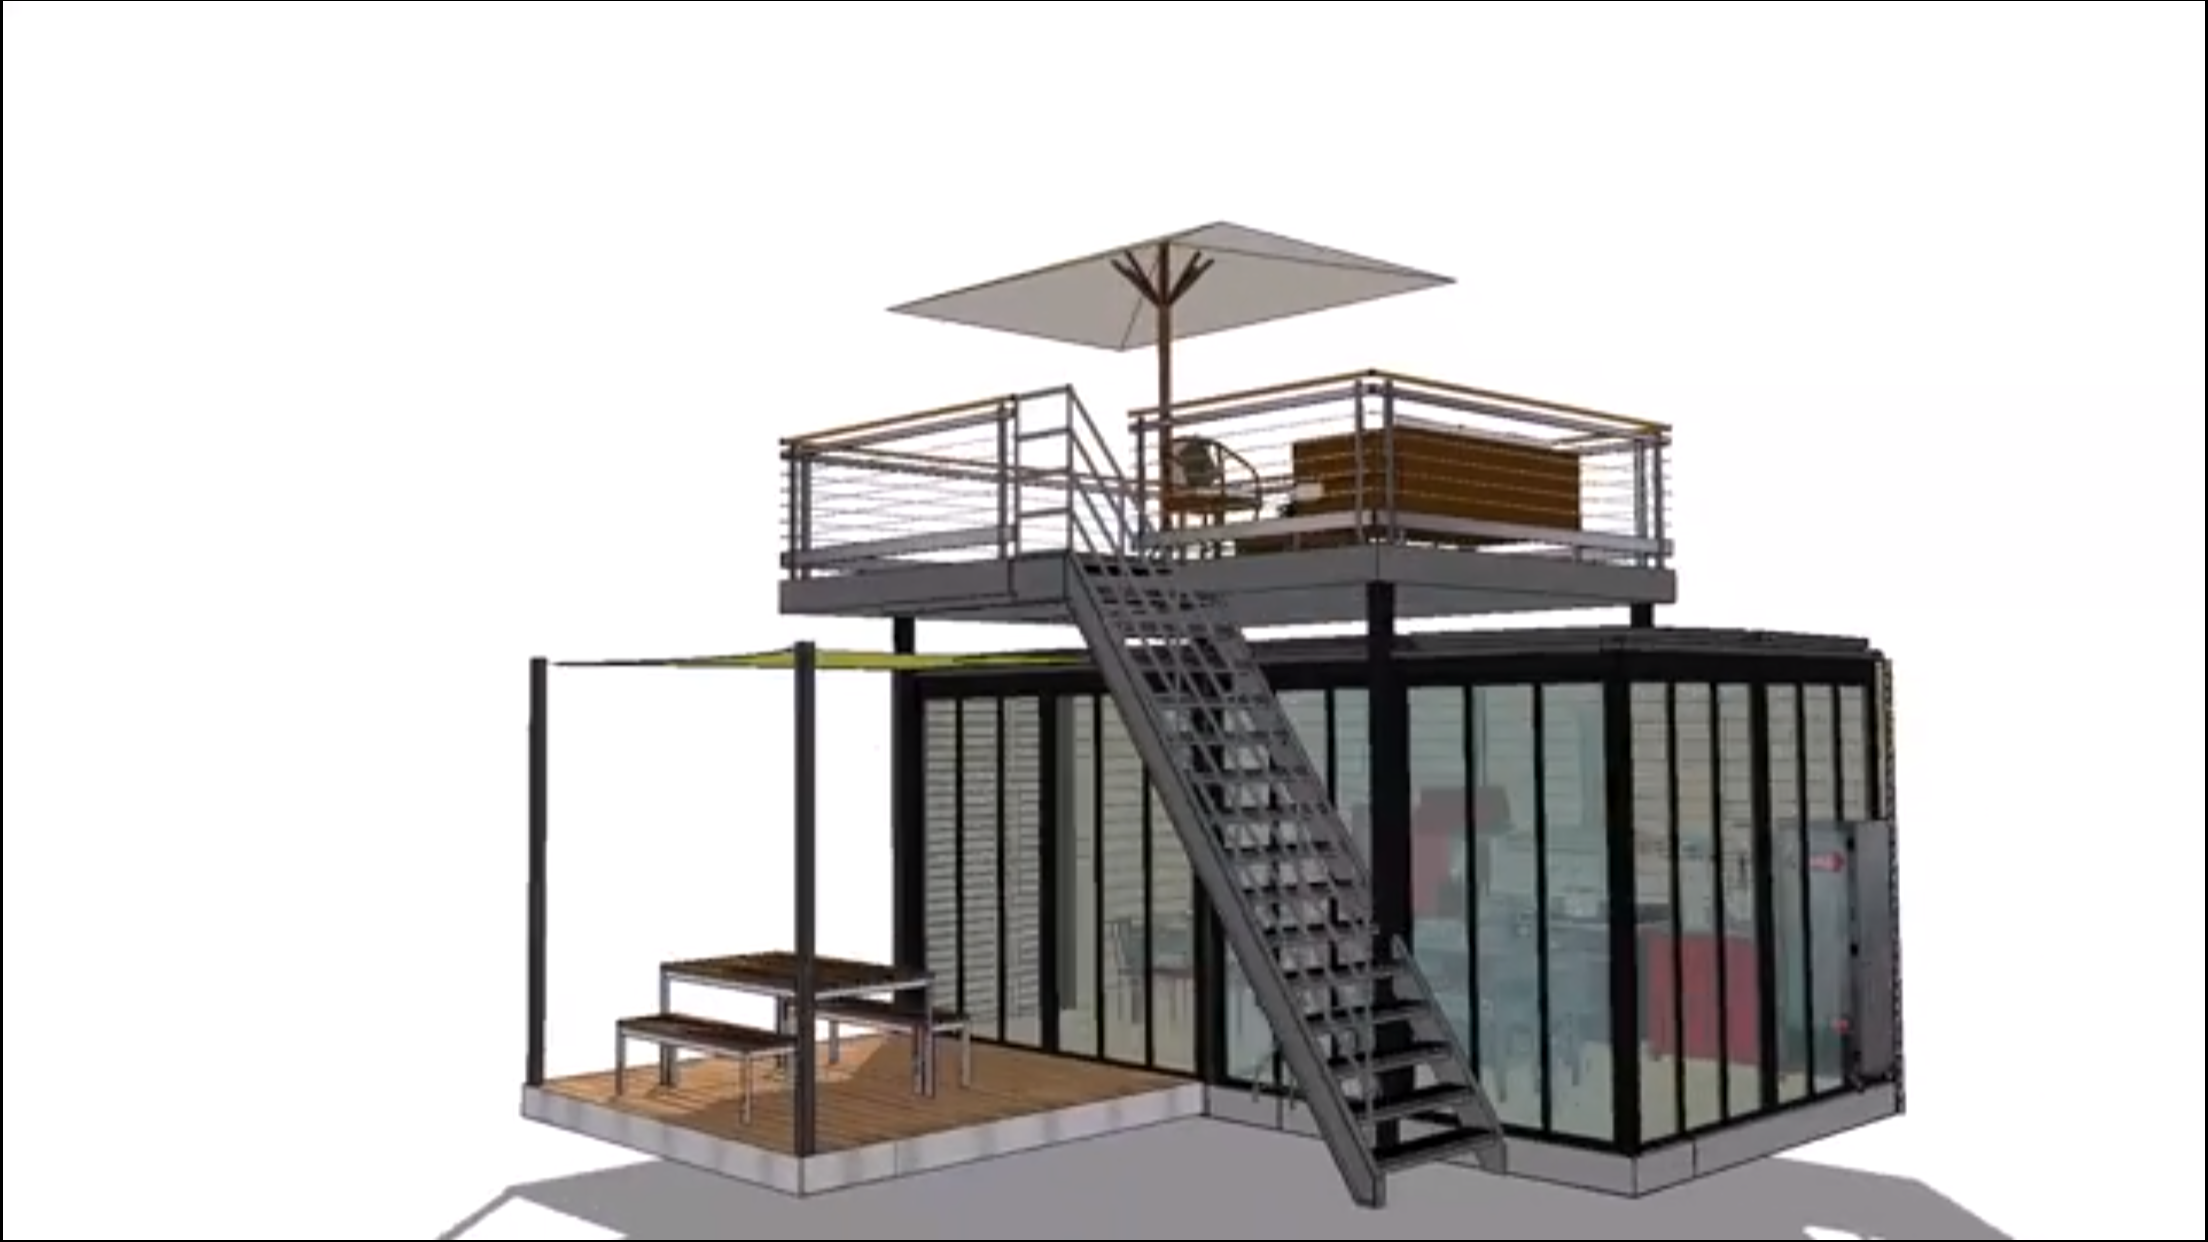 abris de jardin transforme en chambre meilleures id es pour la conception et l 39 ameublement. Black Bedroom Furniture Sets. Home Design Ideas